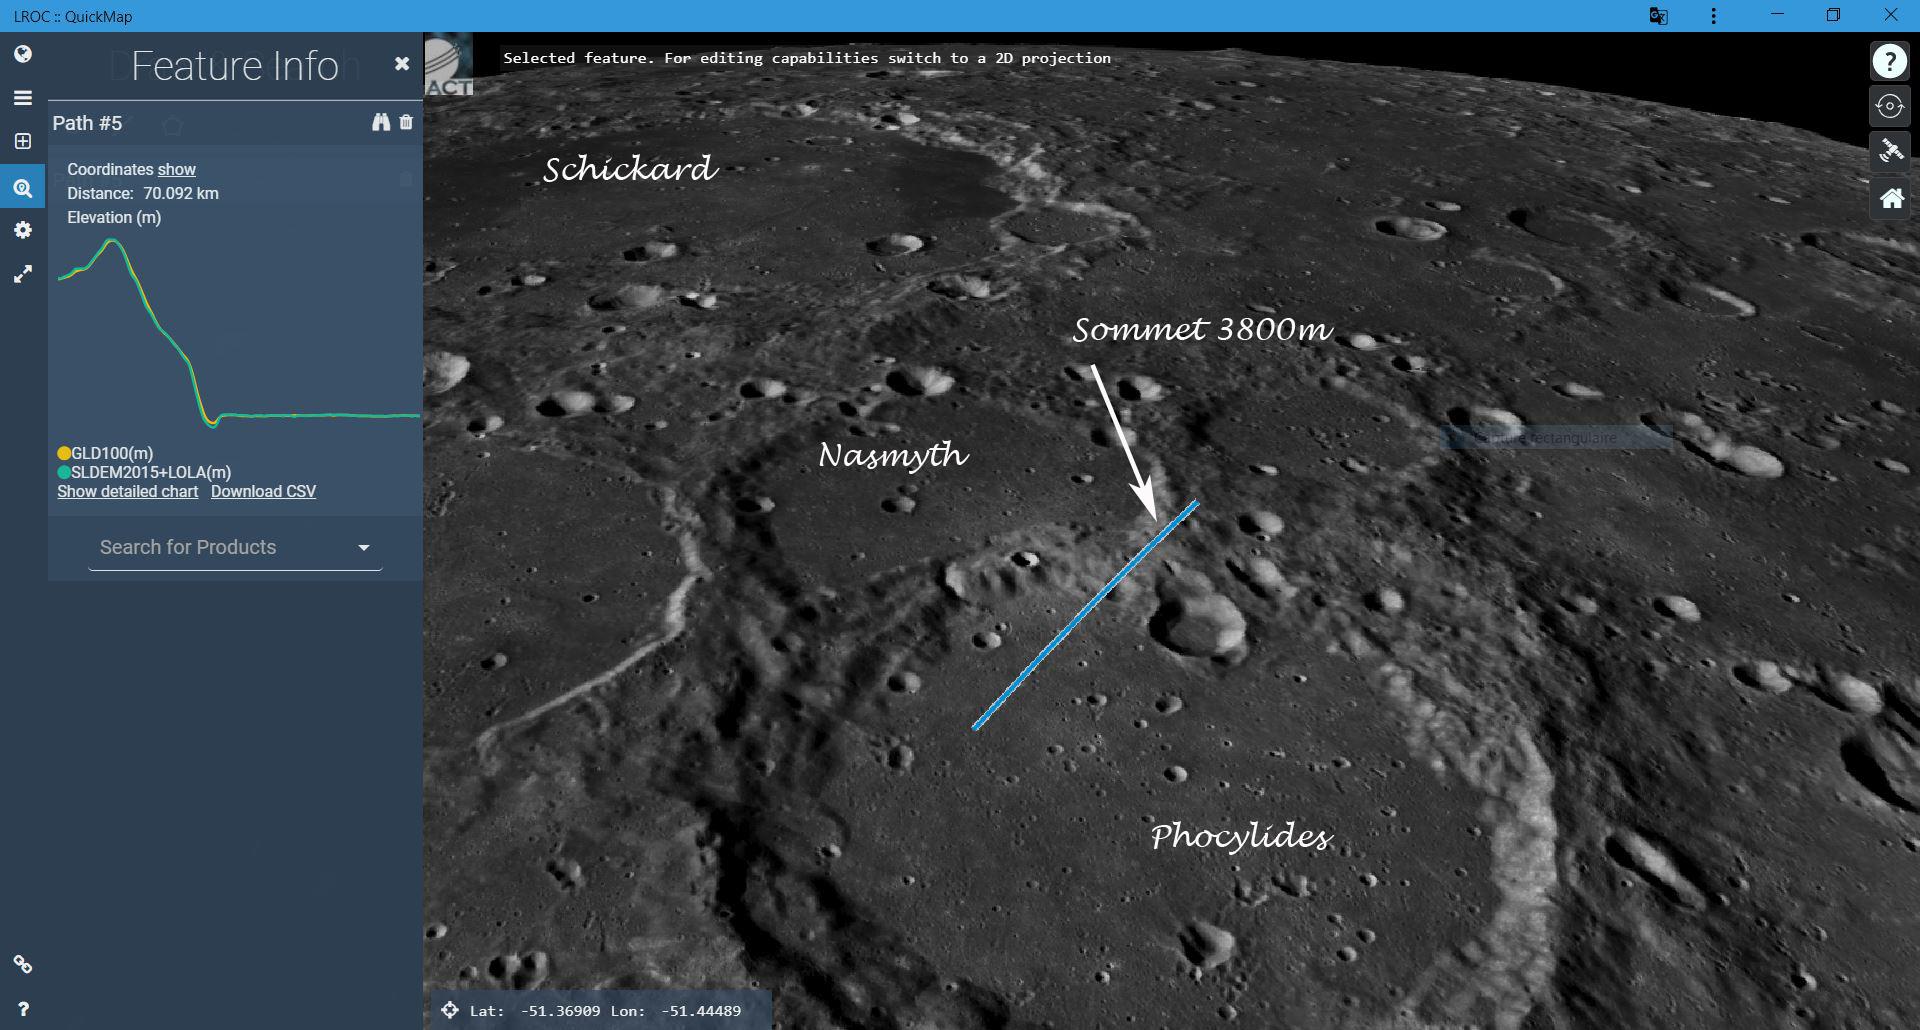 La Lune - Page 9 Lroc-t10